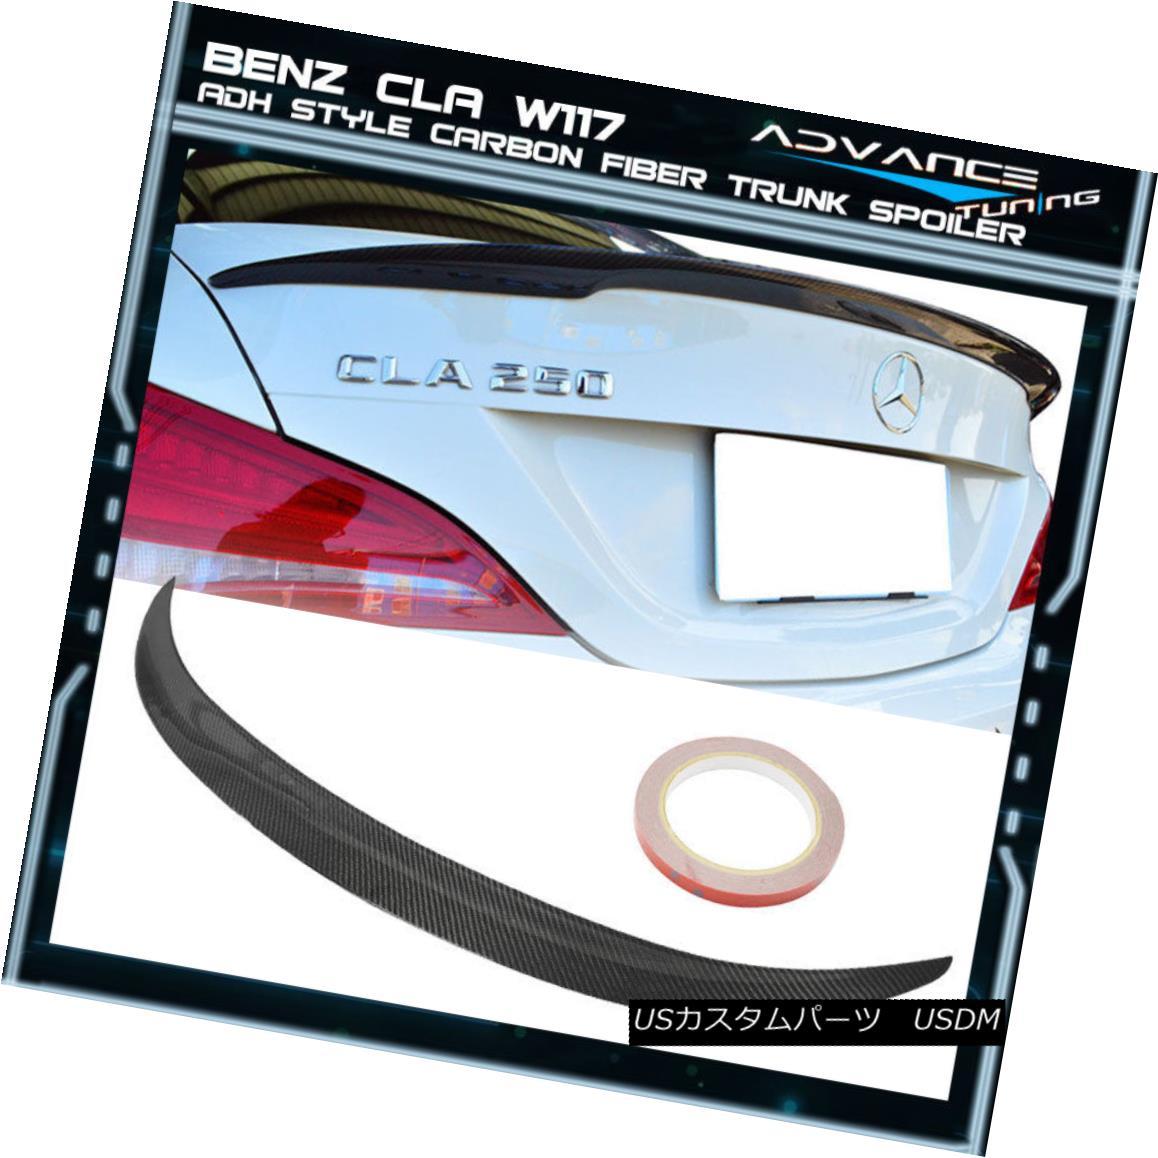 エアロパーツ 13-18 Benz CLA W117 4D 4door ADH Style Carbon Fiber Trunk Spoiler 13-18ベンツCLA W117 4D 4ドアADHスタイル炭素繊維トランク・スポイラー